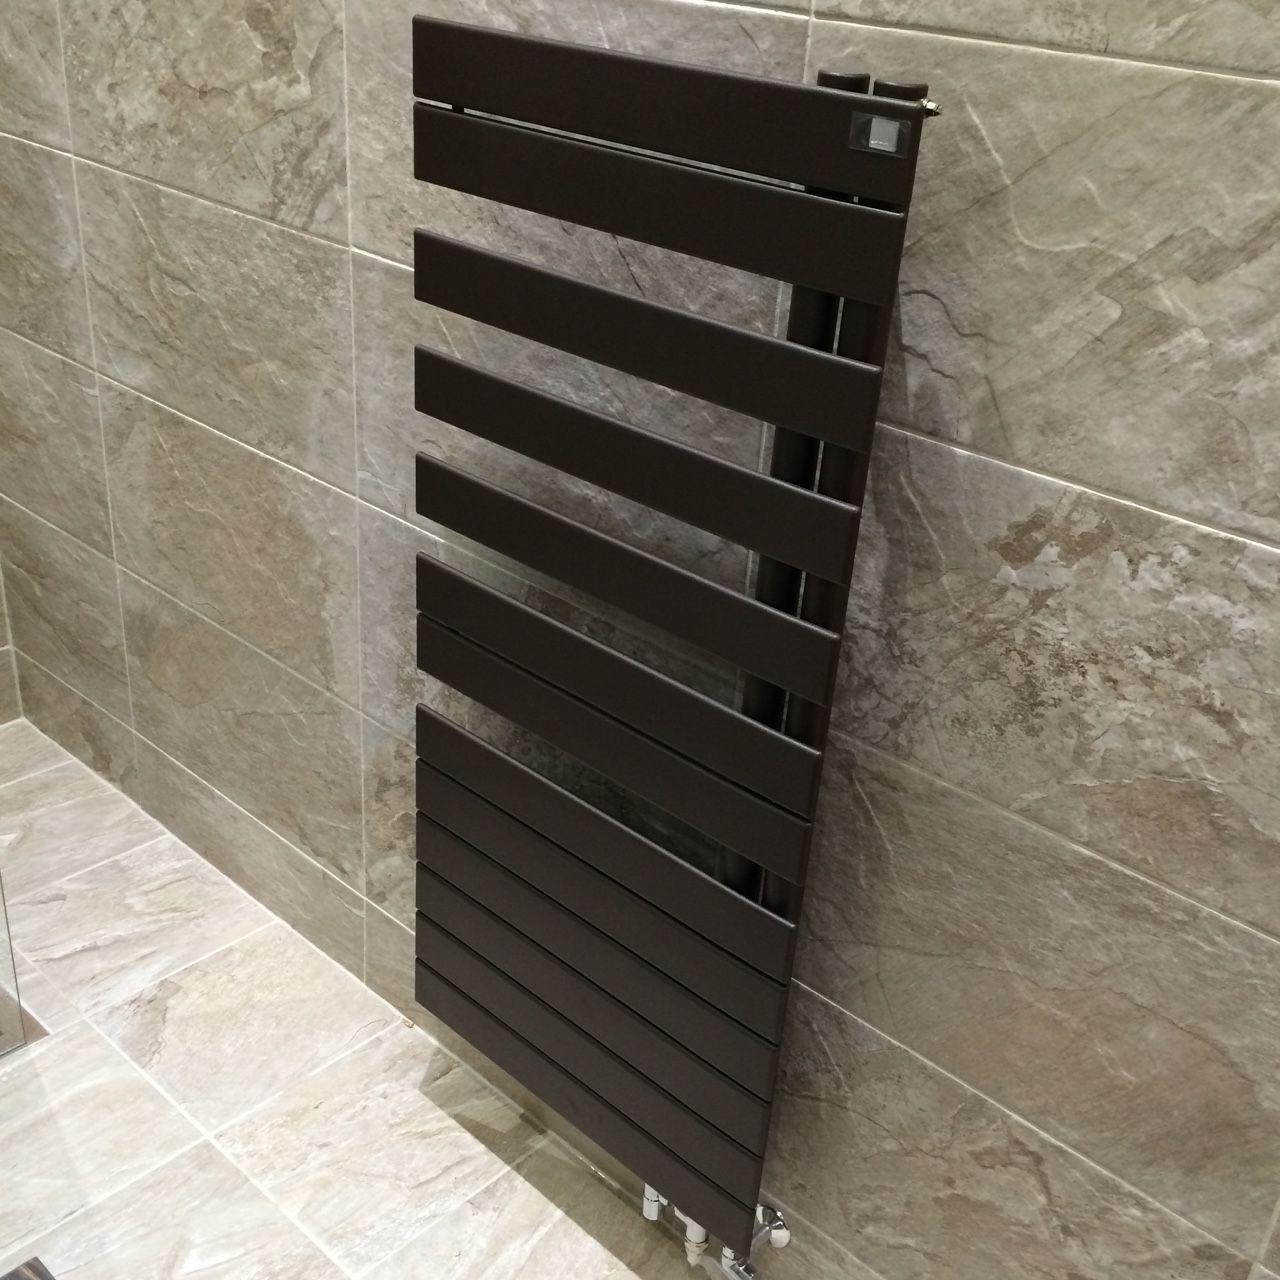 Towel Rail Zender Roda Spa Quartz Brown Tiles Waxman Ceramics